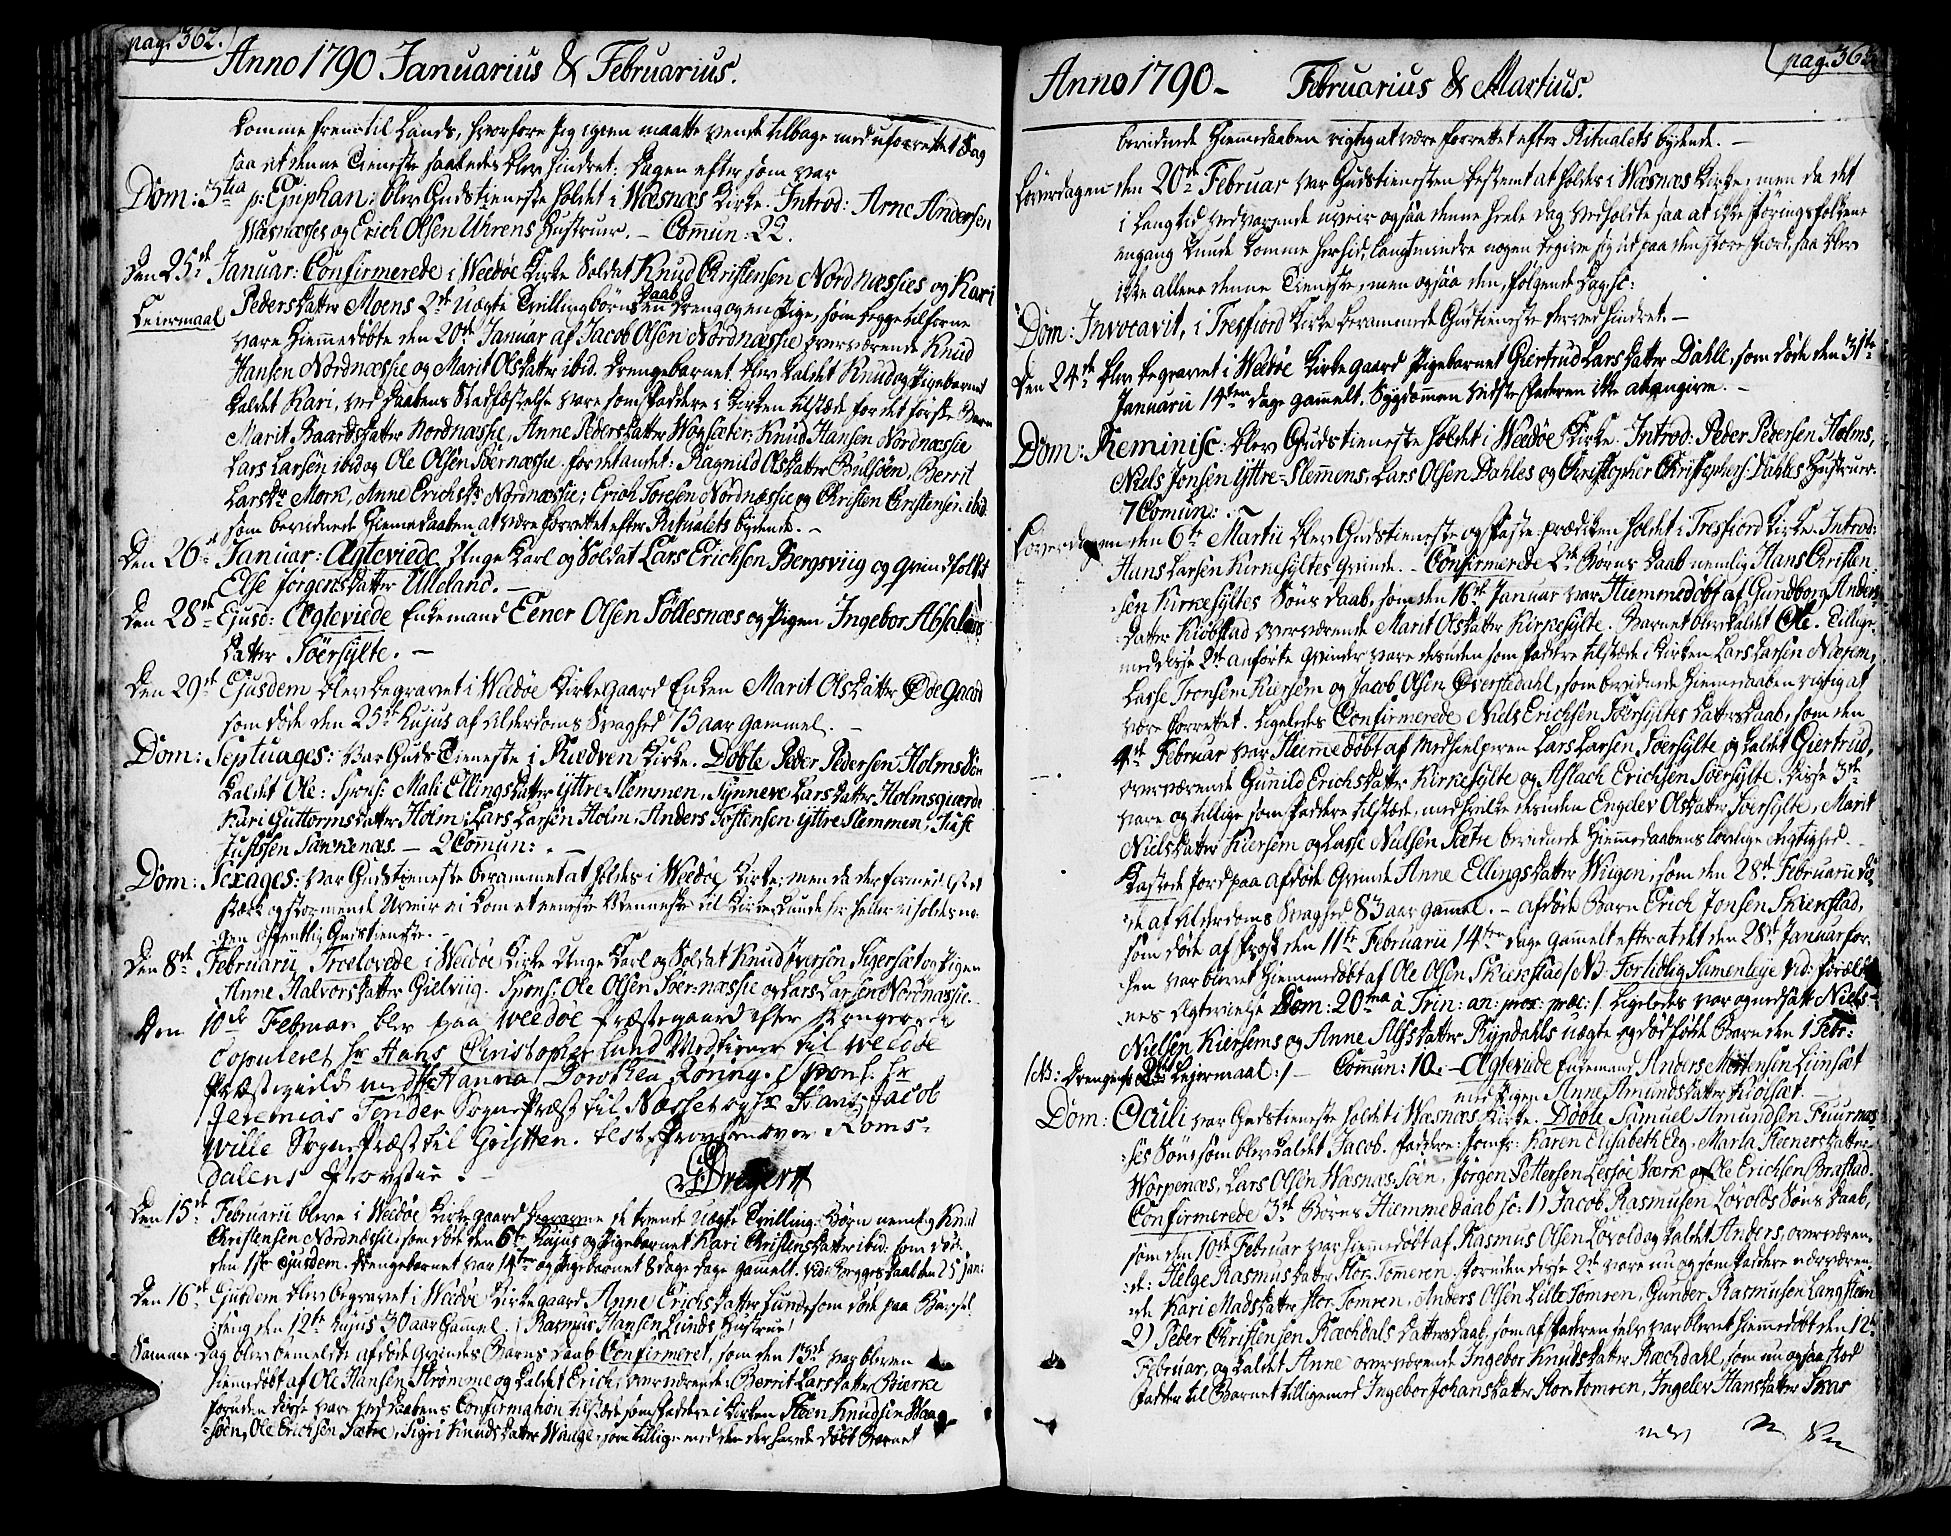 SAT, Ministerialprotokoller, klokkerbøker og fødselsregistre - Møre og Romsdal, 547/L0600: Ministerialbok nr. 547A02, 1765-1799, s. 362-363